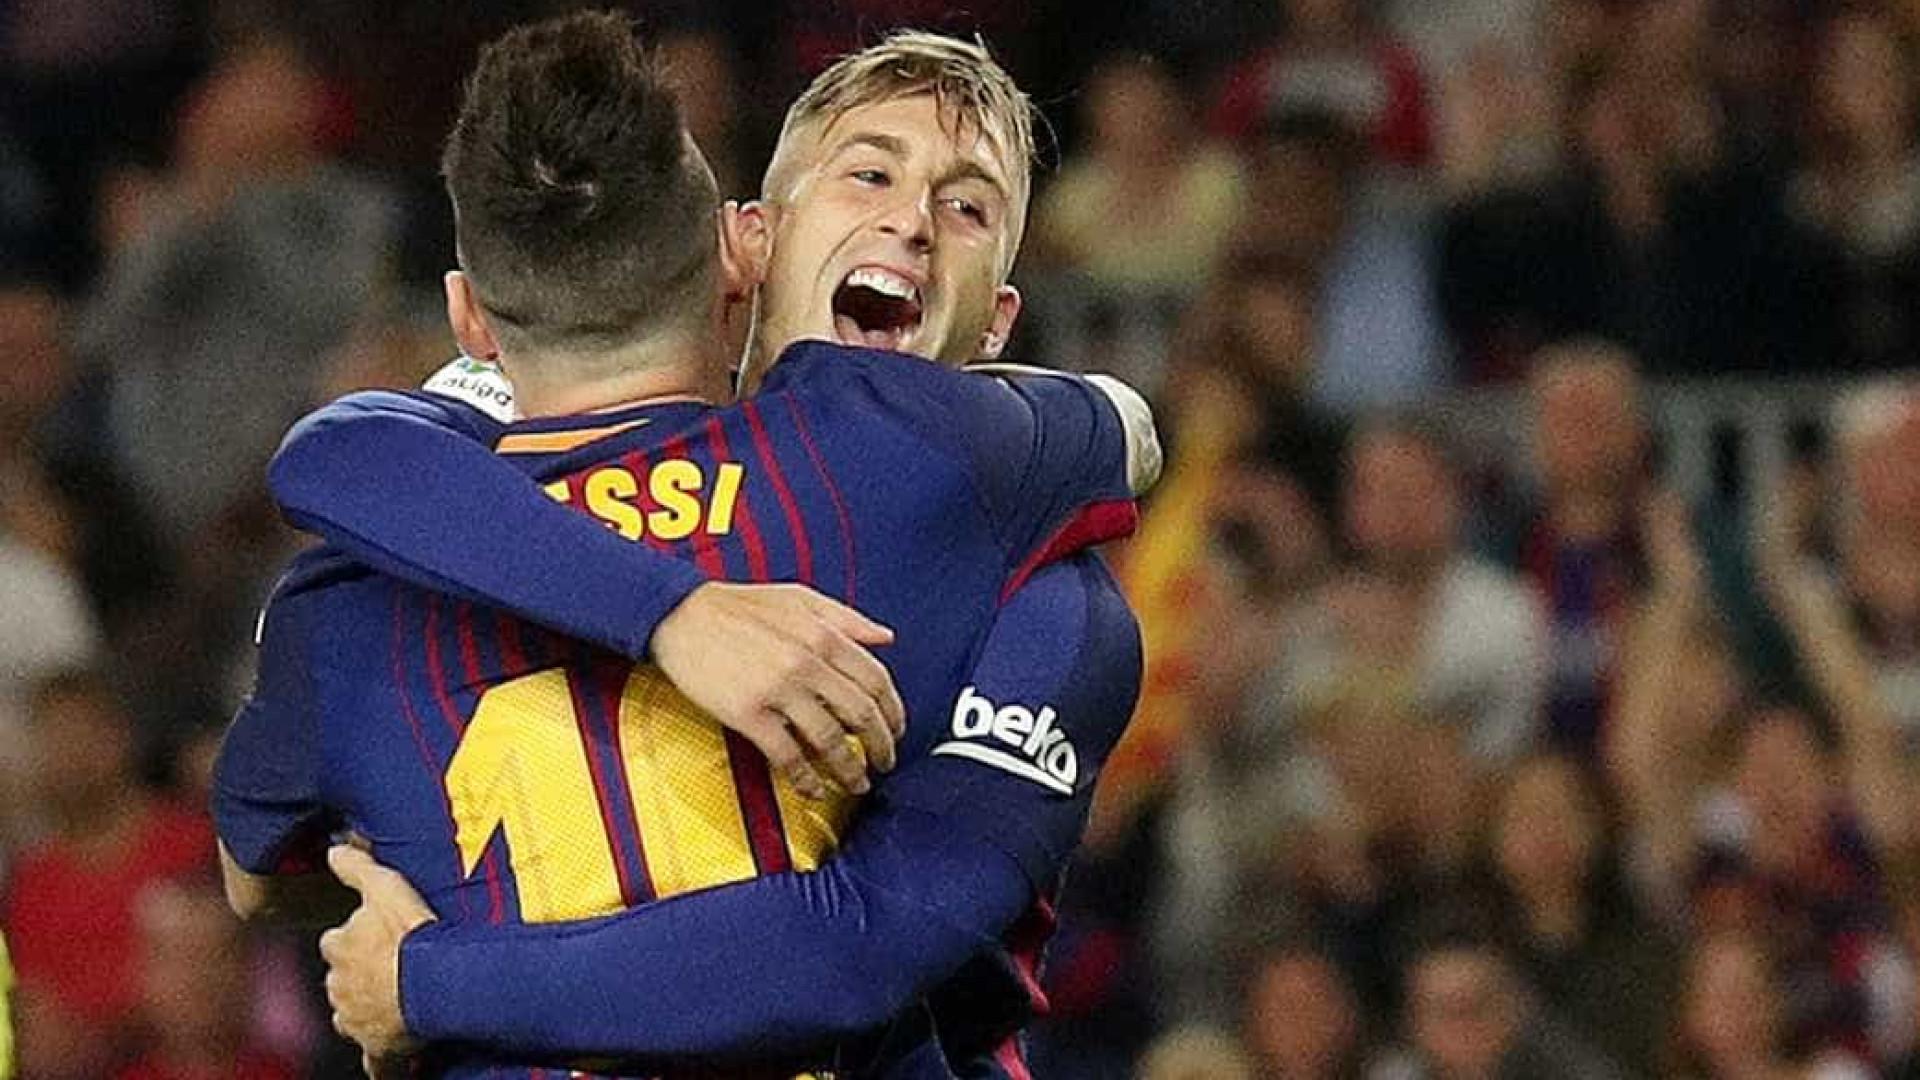 FC Barcelona vence Málaga FC por 2-0 com Iniesta a marcar